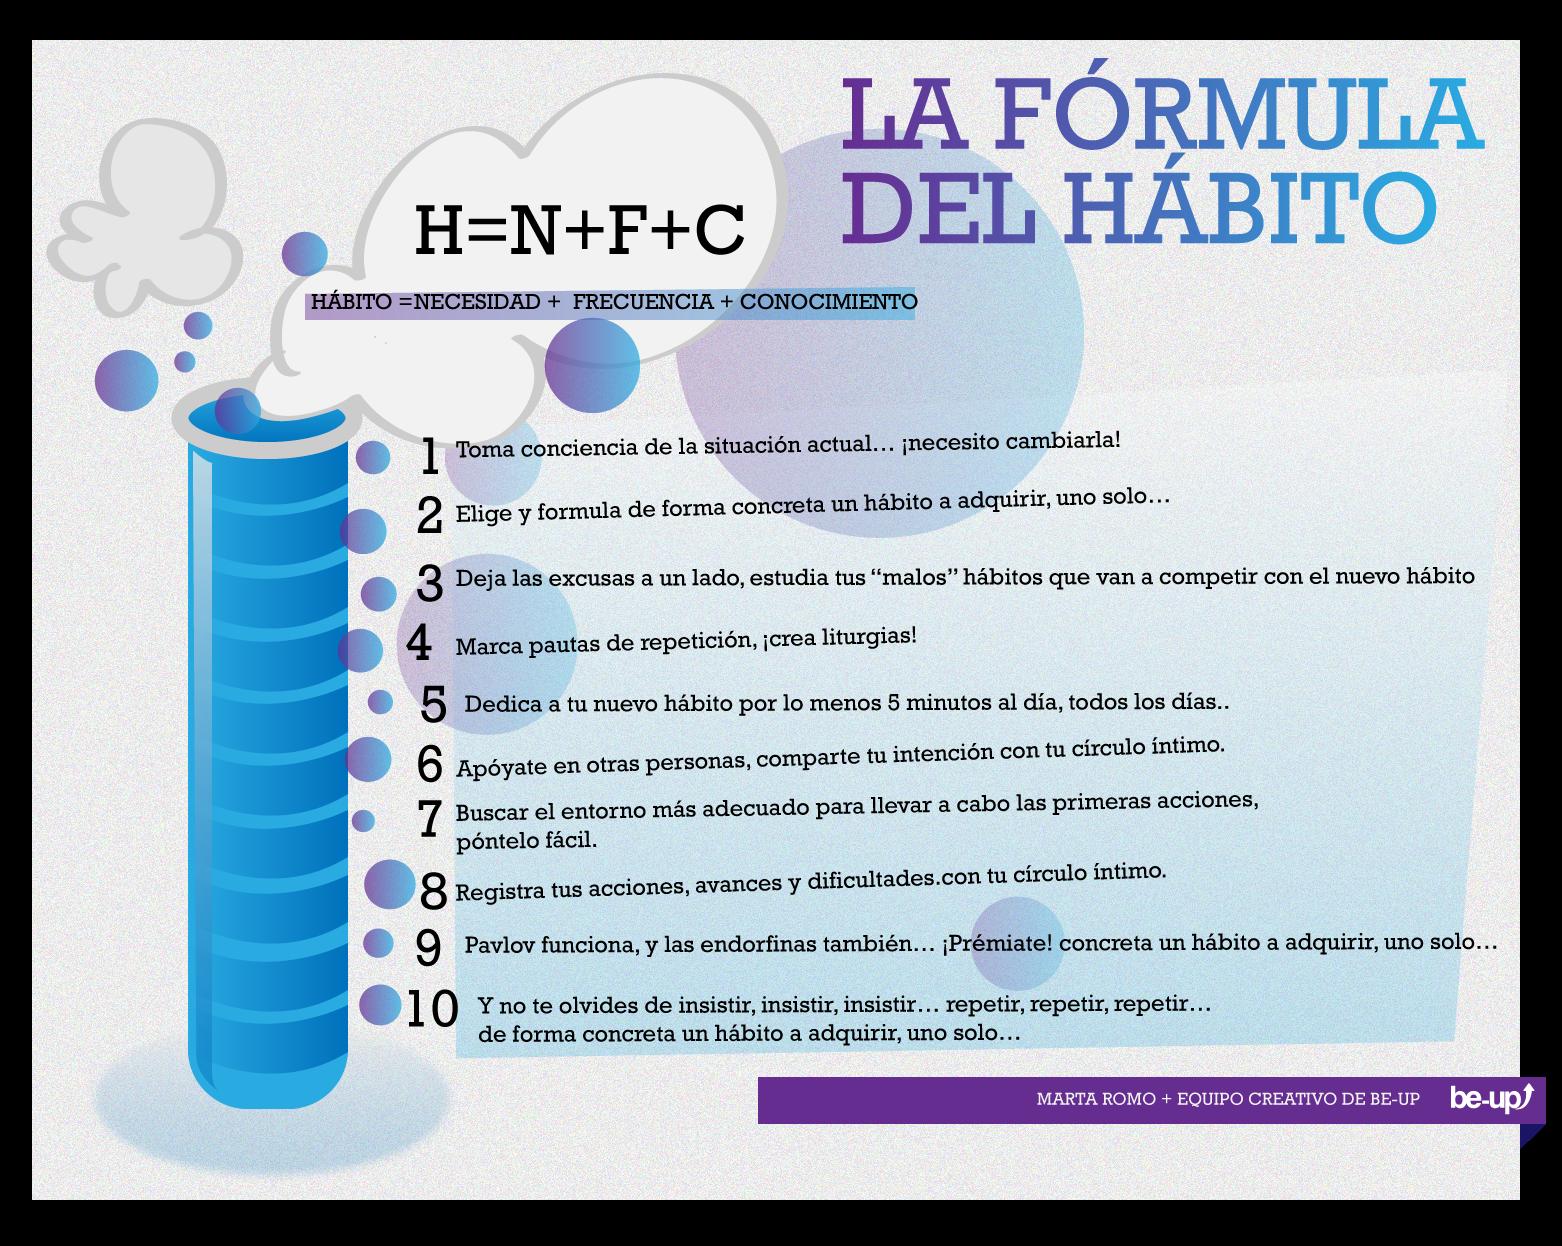 Fórmula para adquirir nuevos hábitos